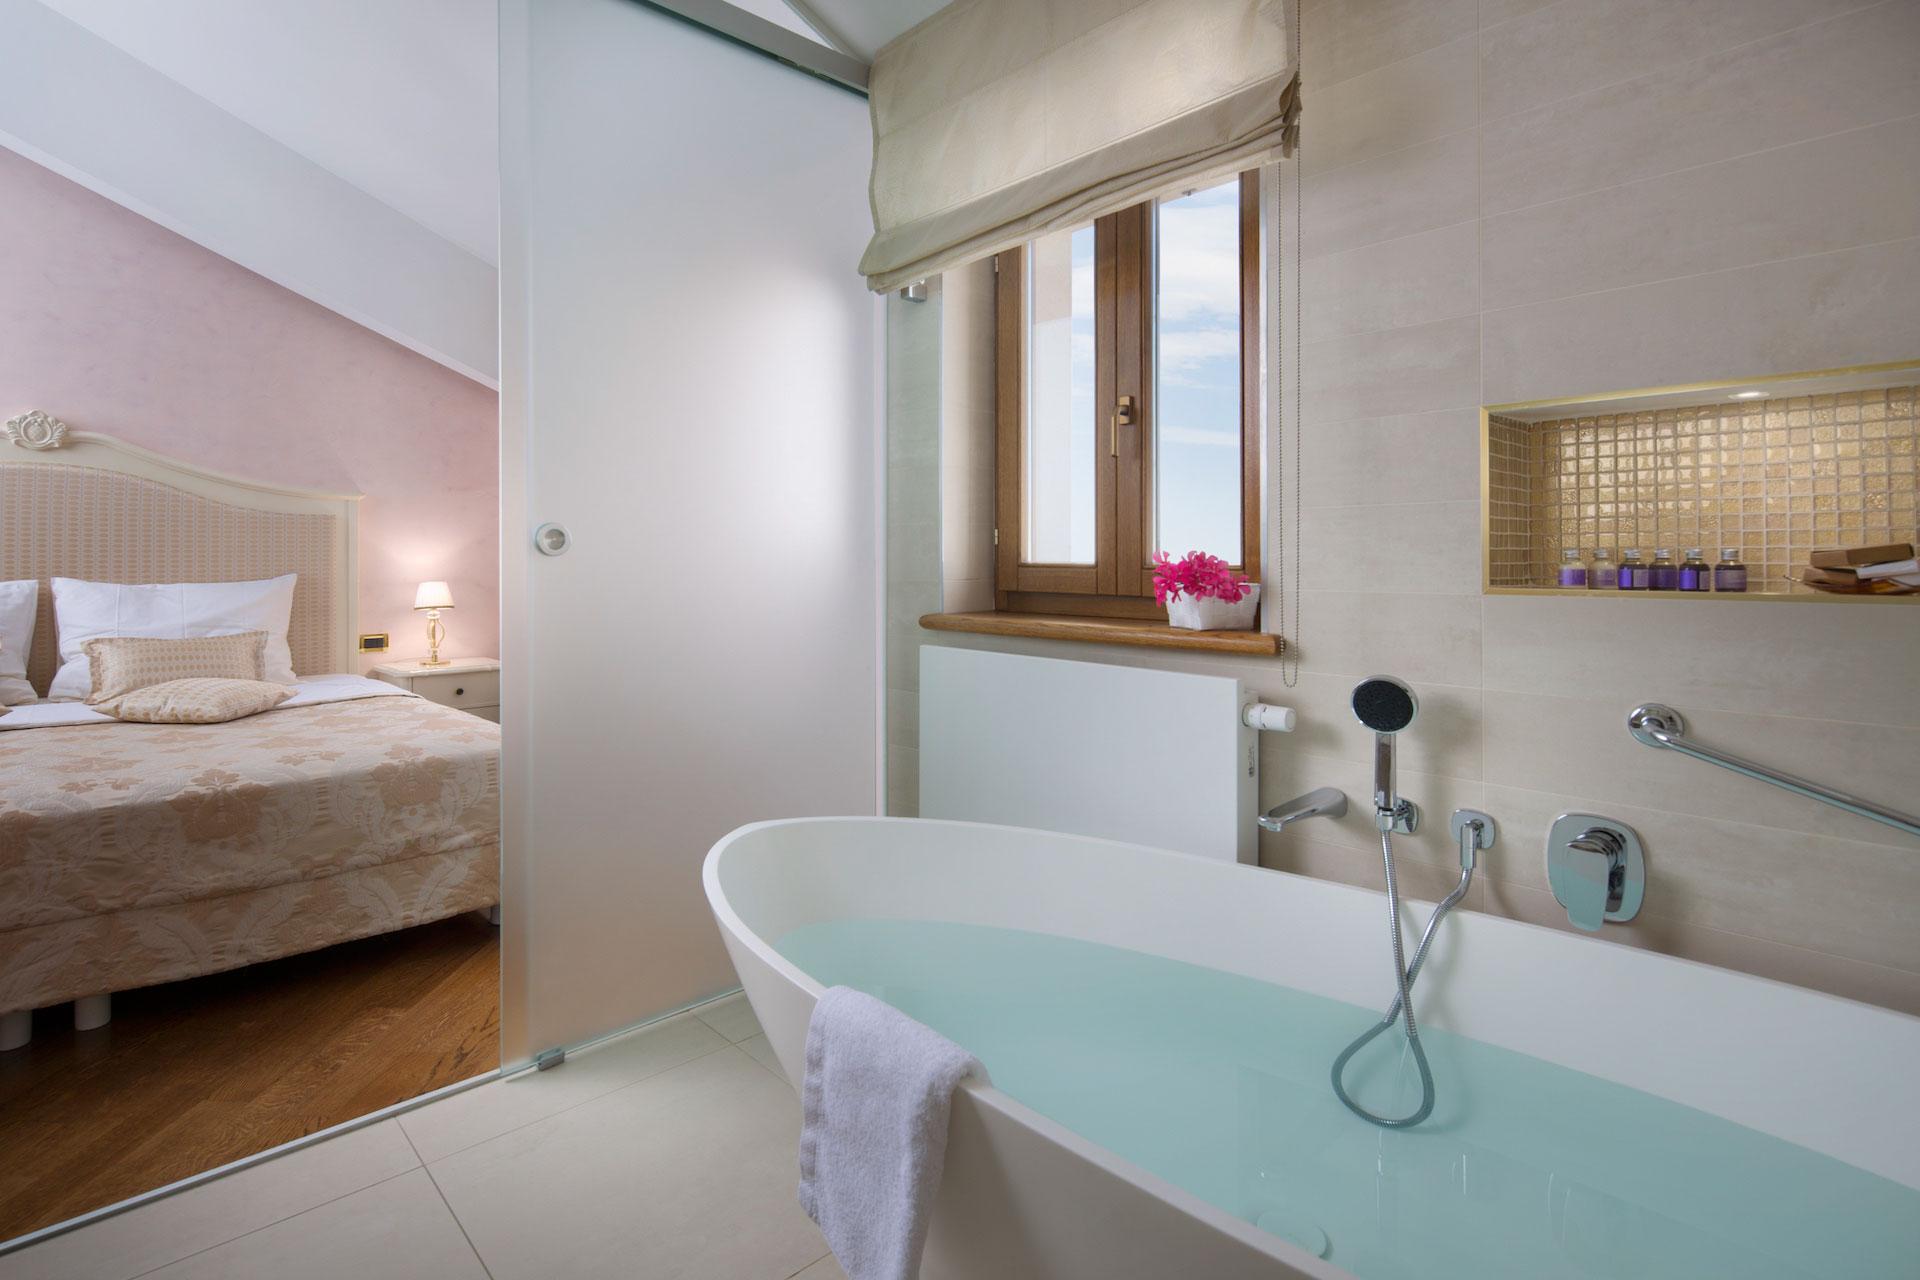 Cavalier bathroom furniture - San Rocco Hotel Suite Cavalier 0209